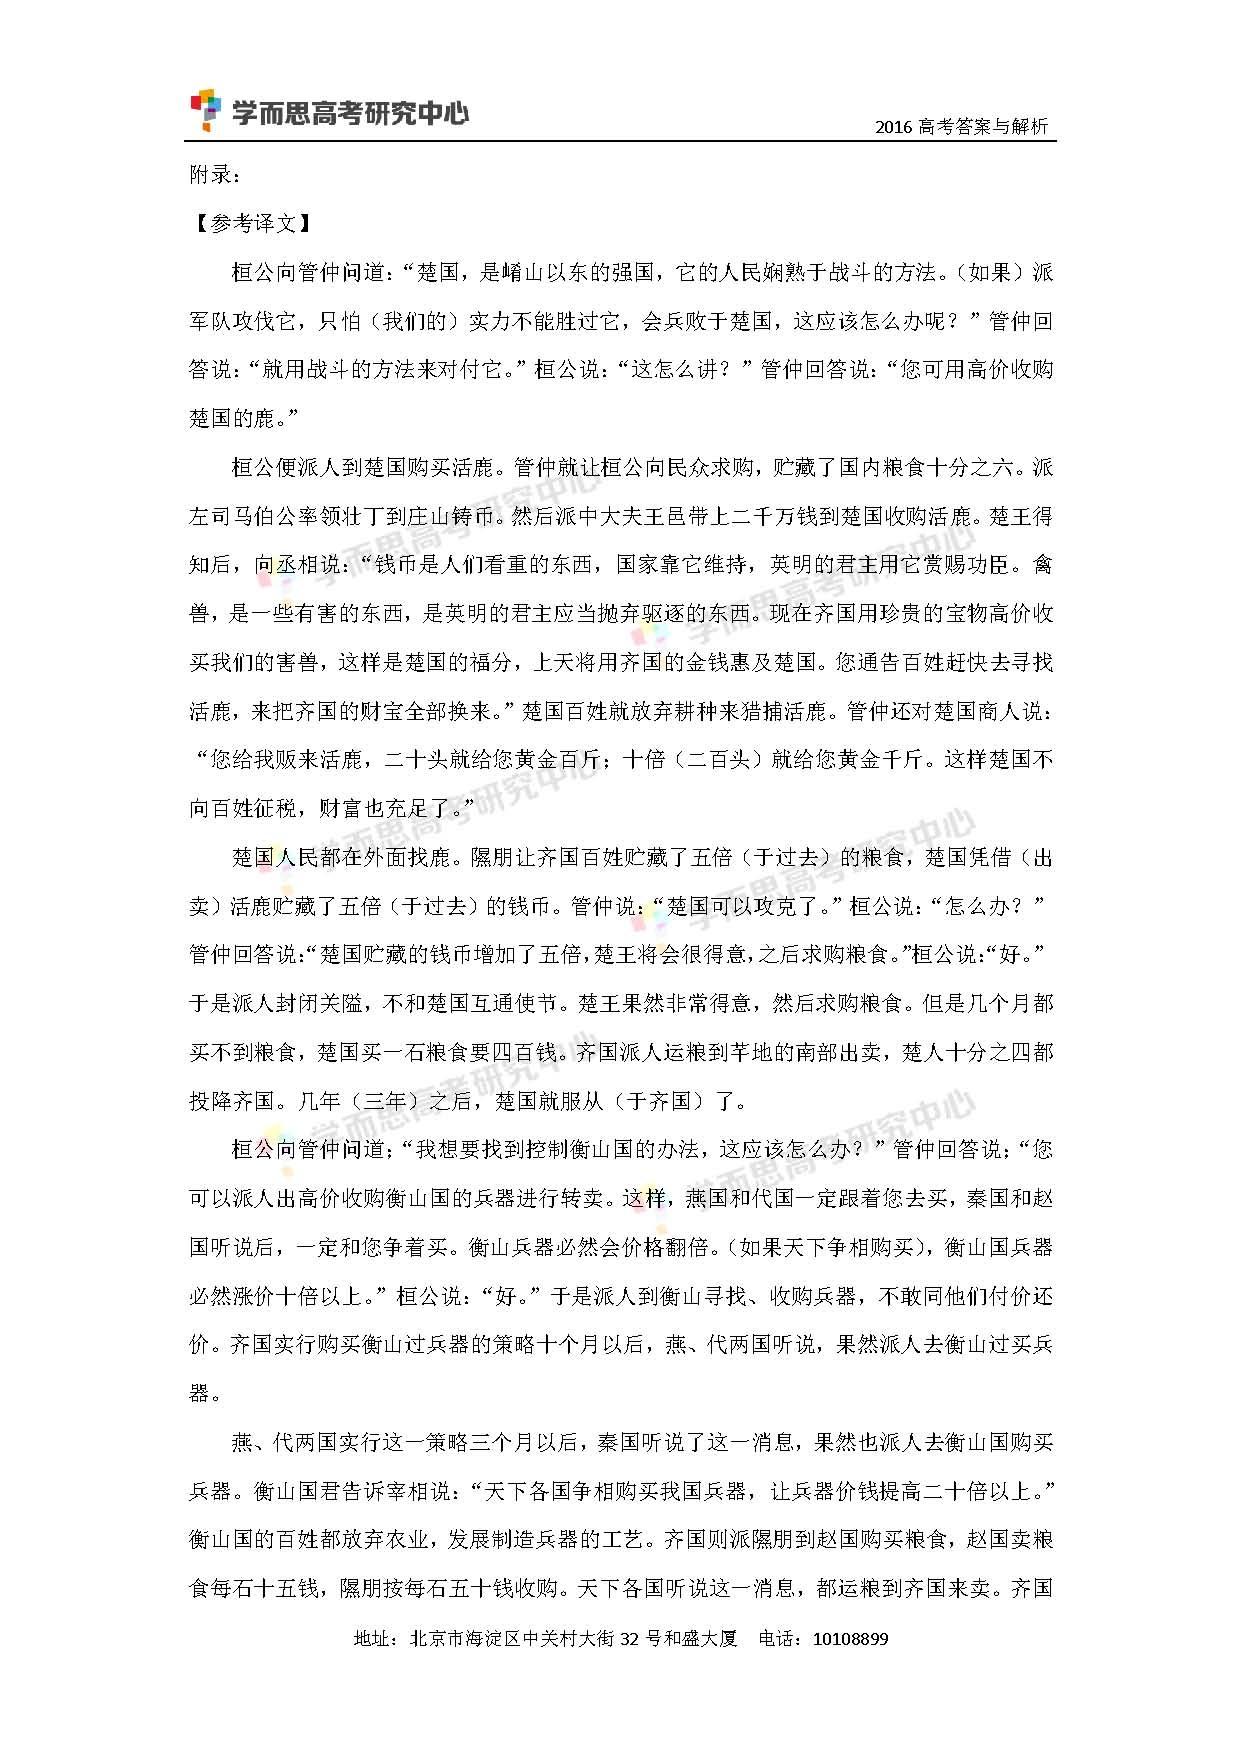 0_页面_09.jpg